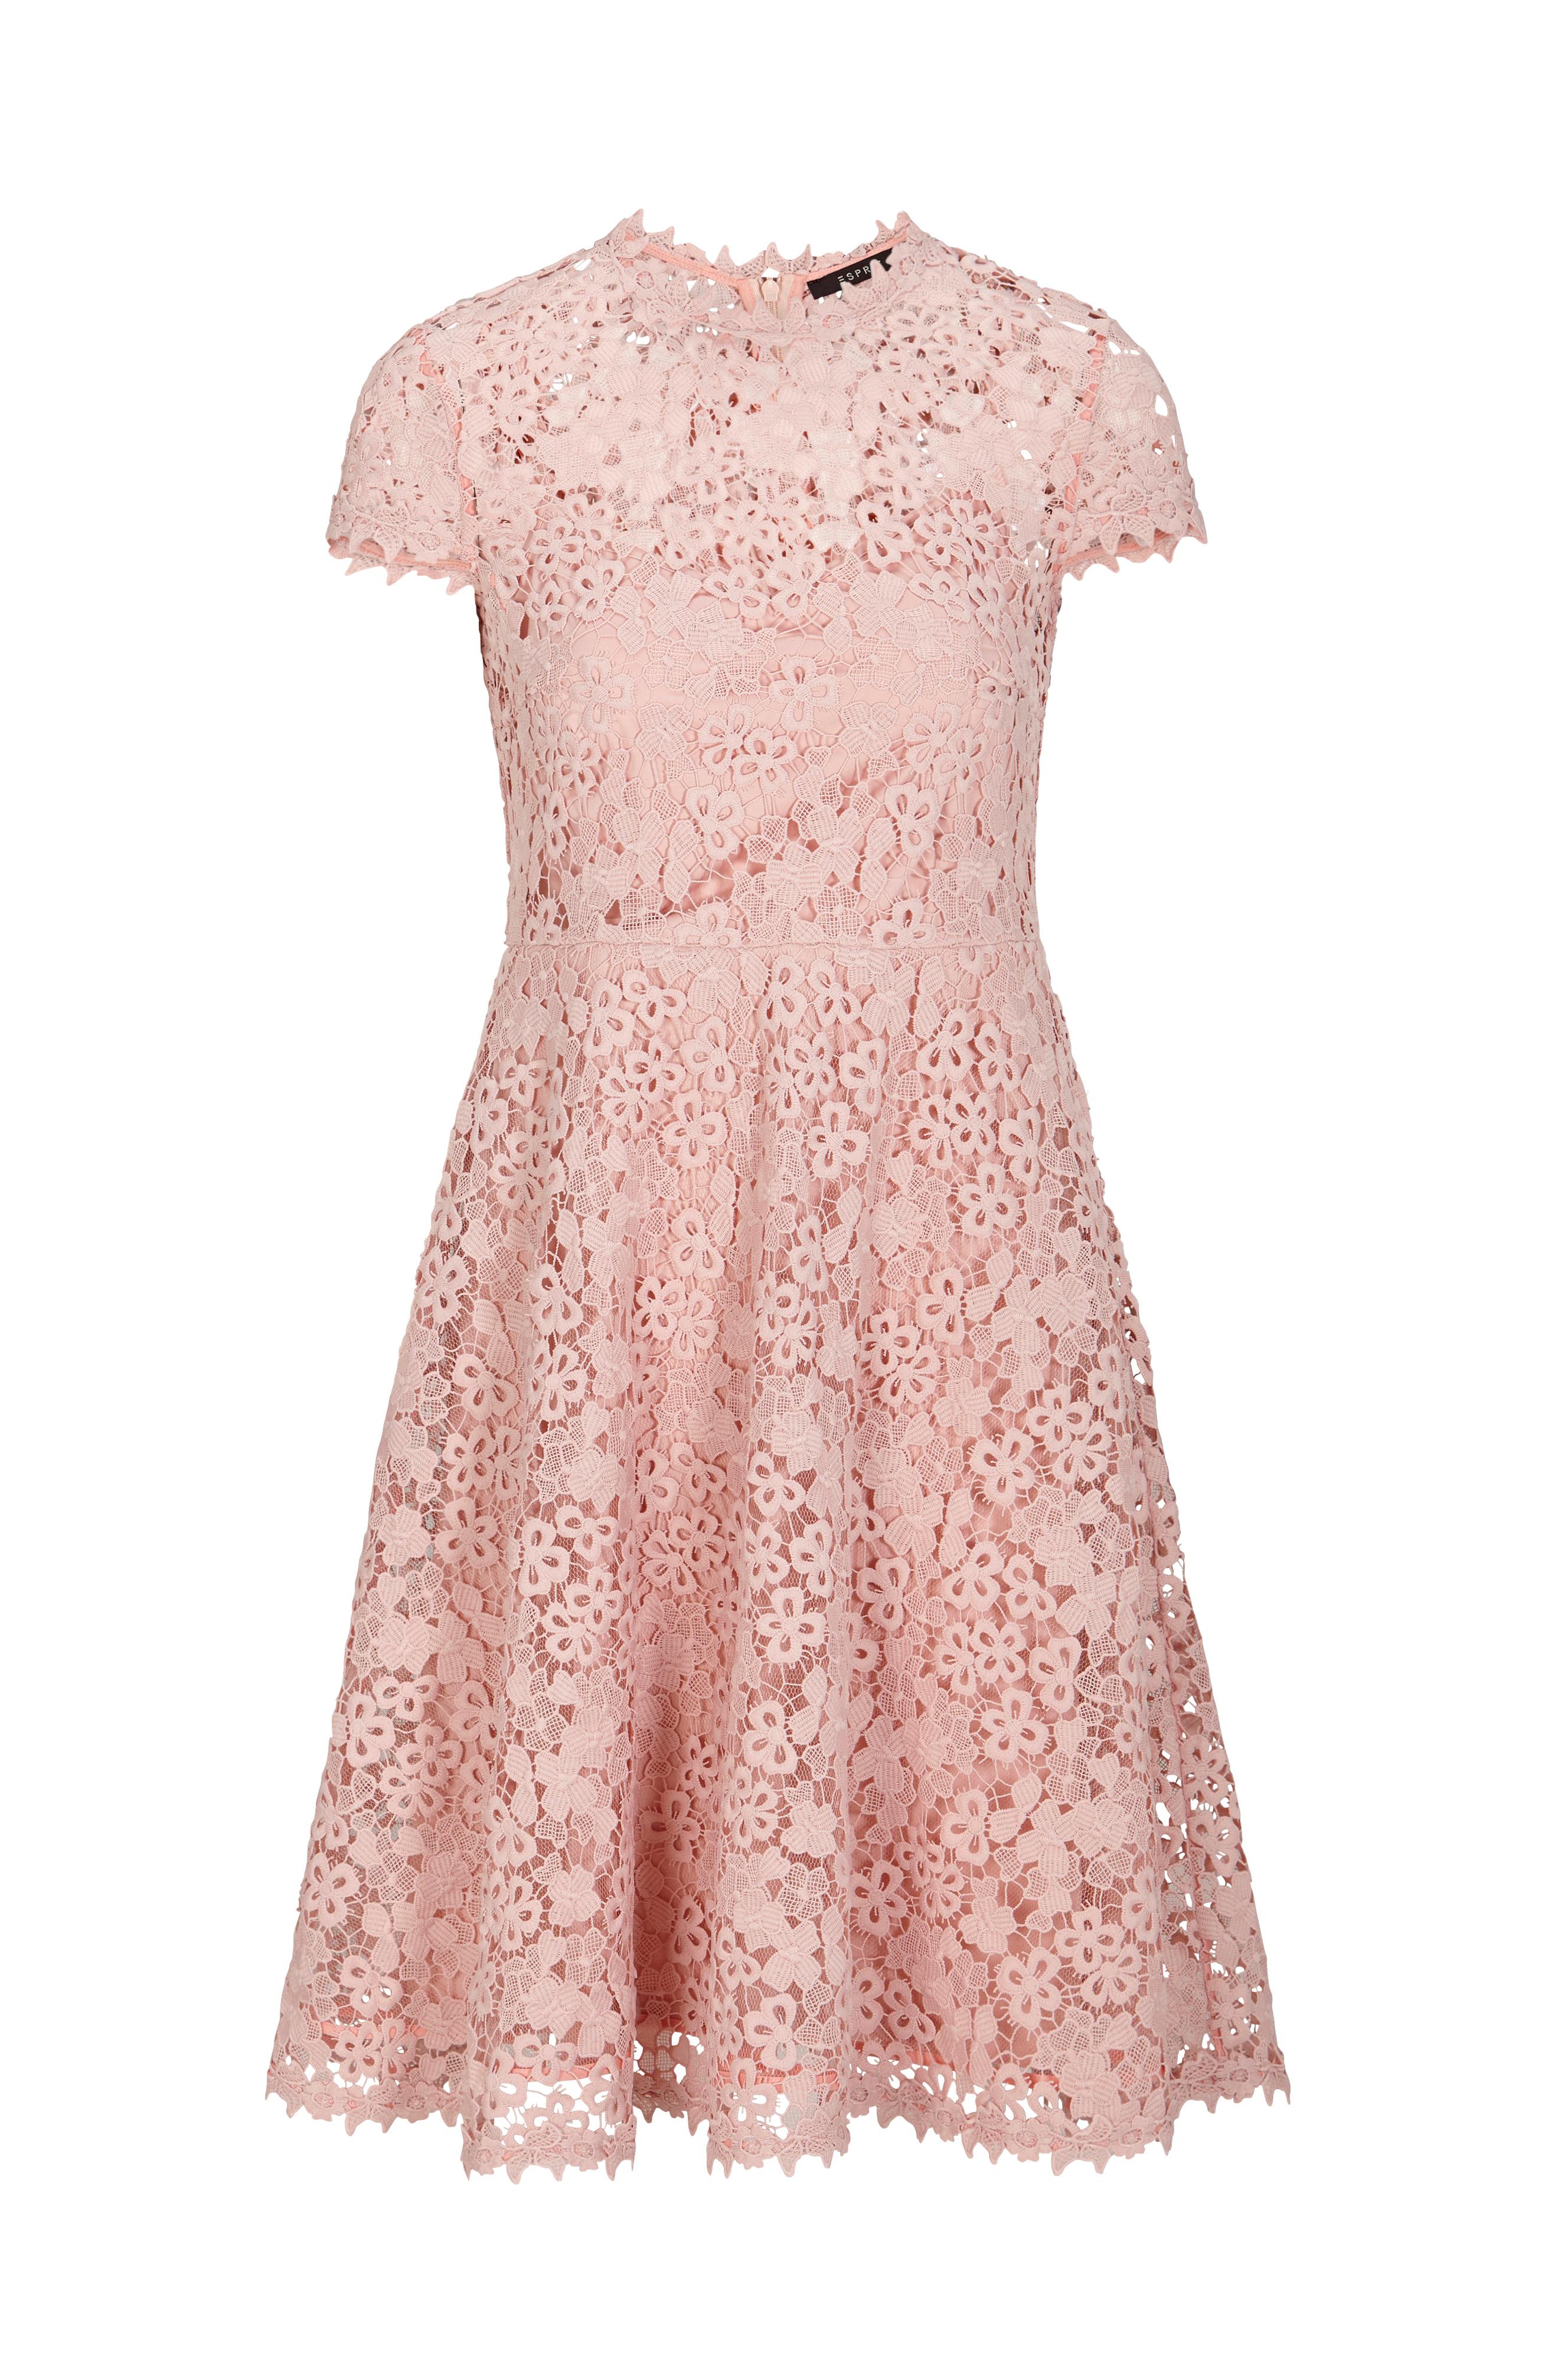 rosa spetsklänning dam